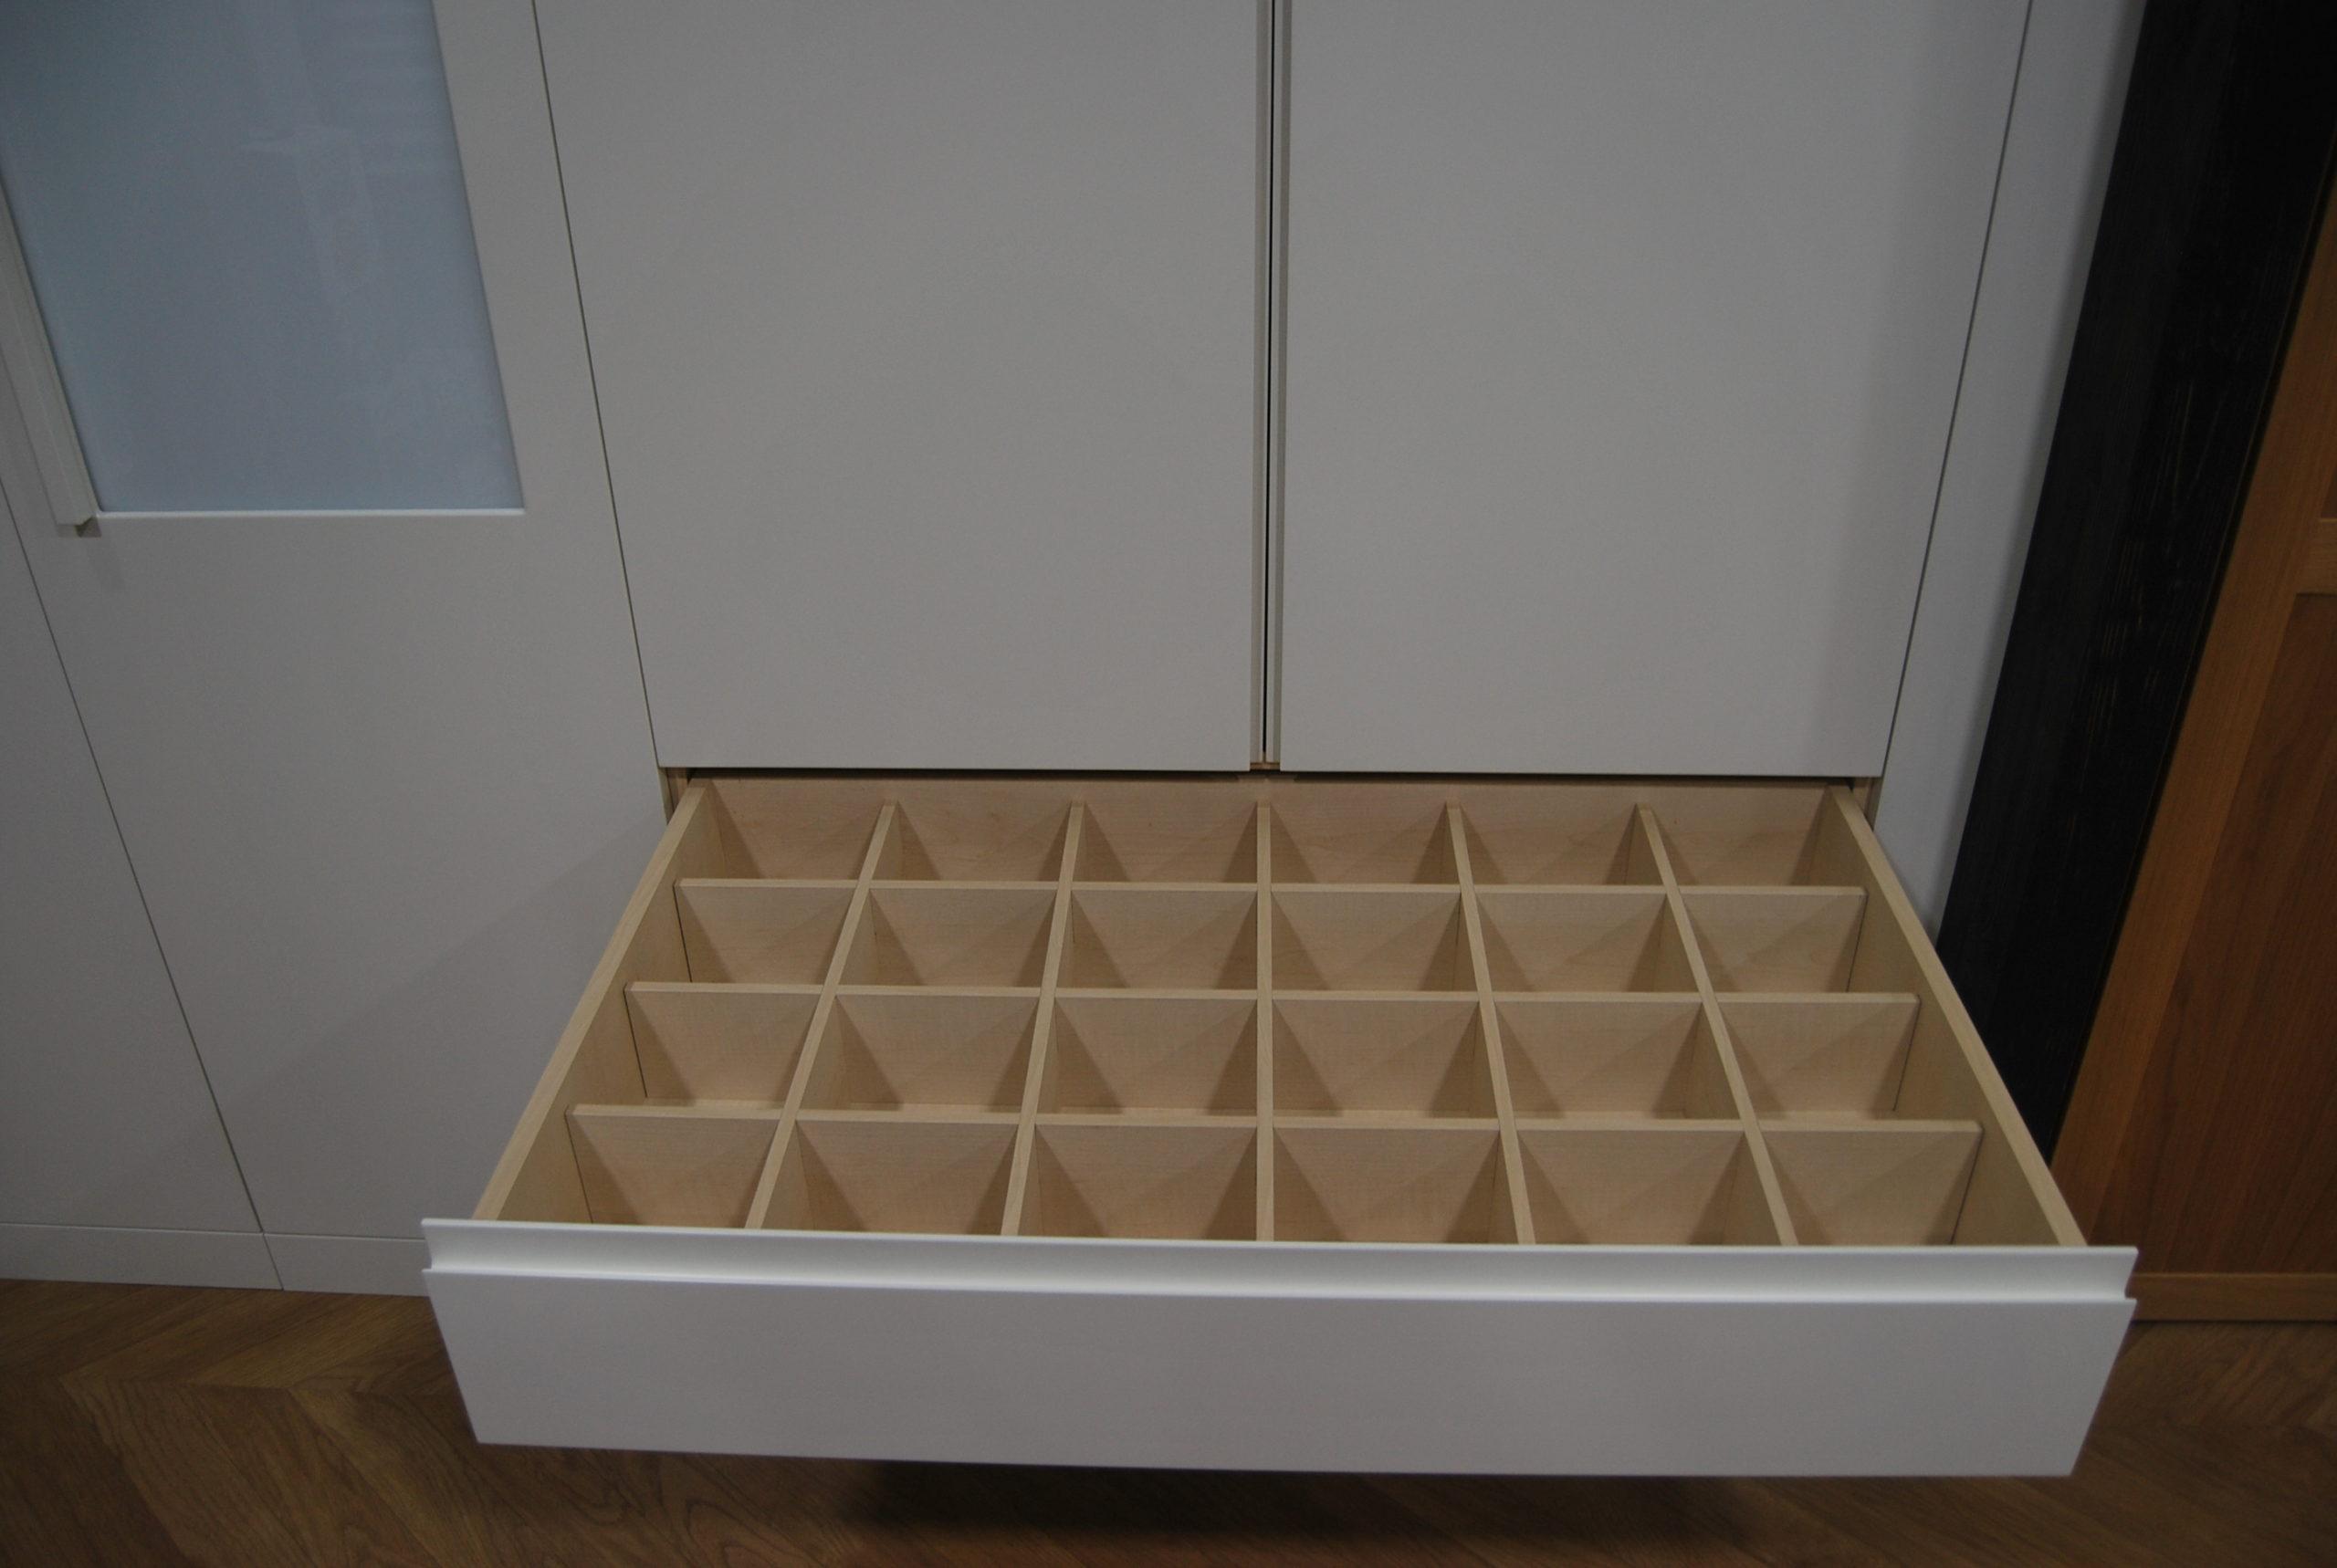 carpinteria-luis-fuente-armarios-de-madera-burgos-españa-taller-madera-de-calidad-premium-muebles-compra-venta (12)